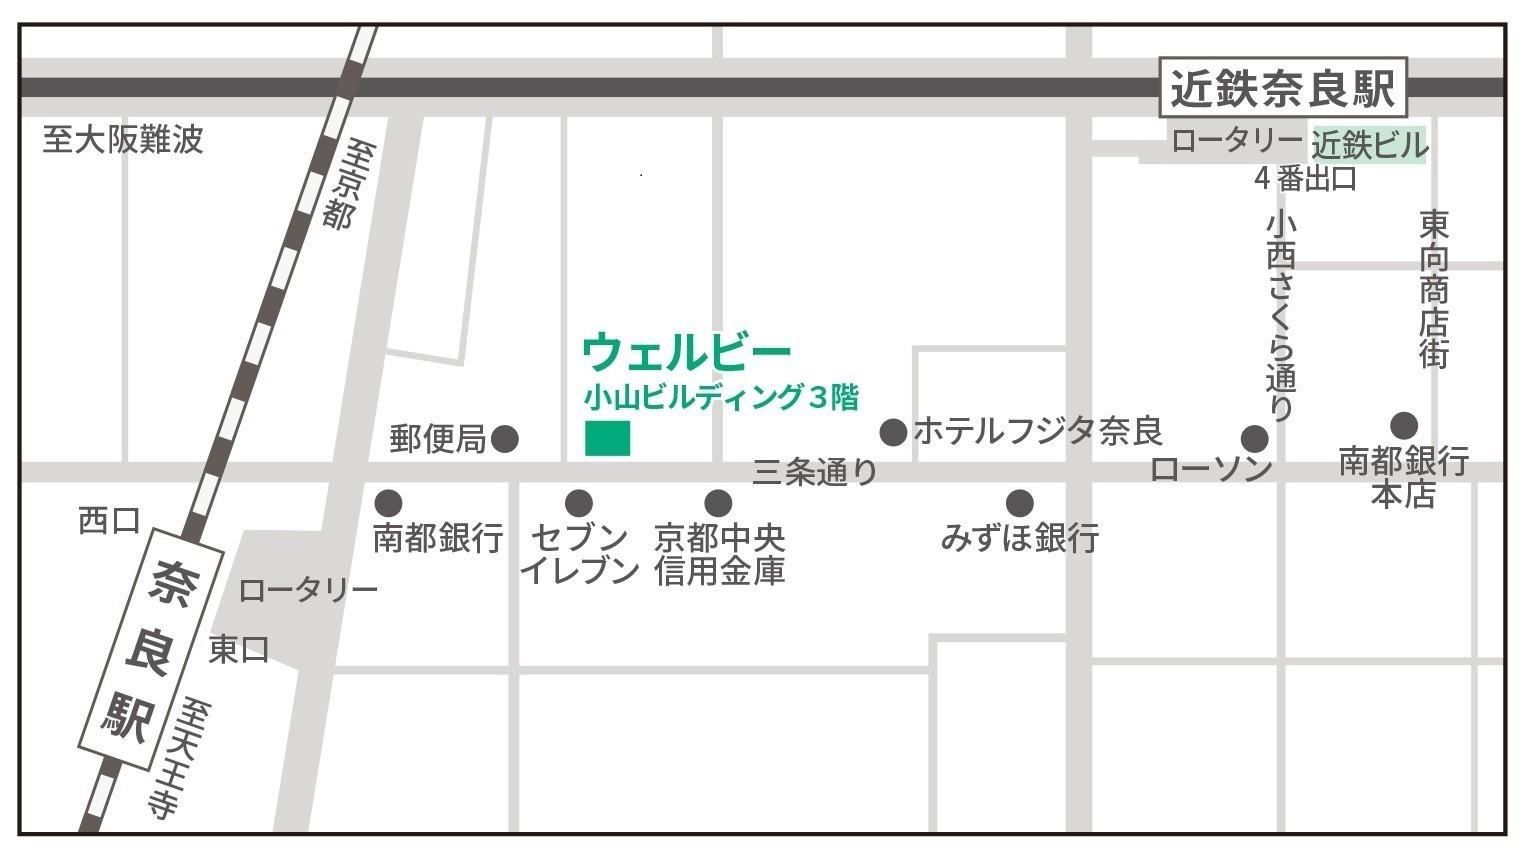 奈良センター